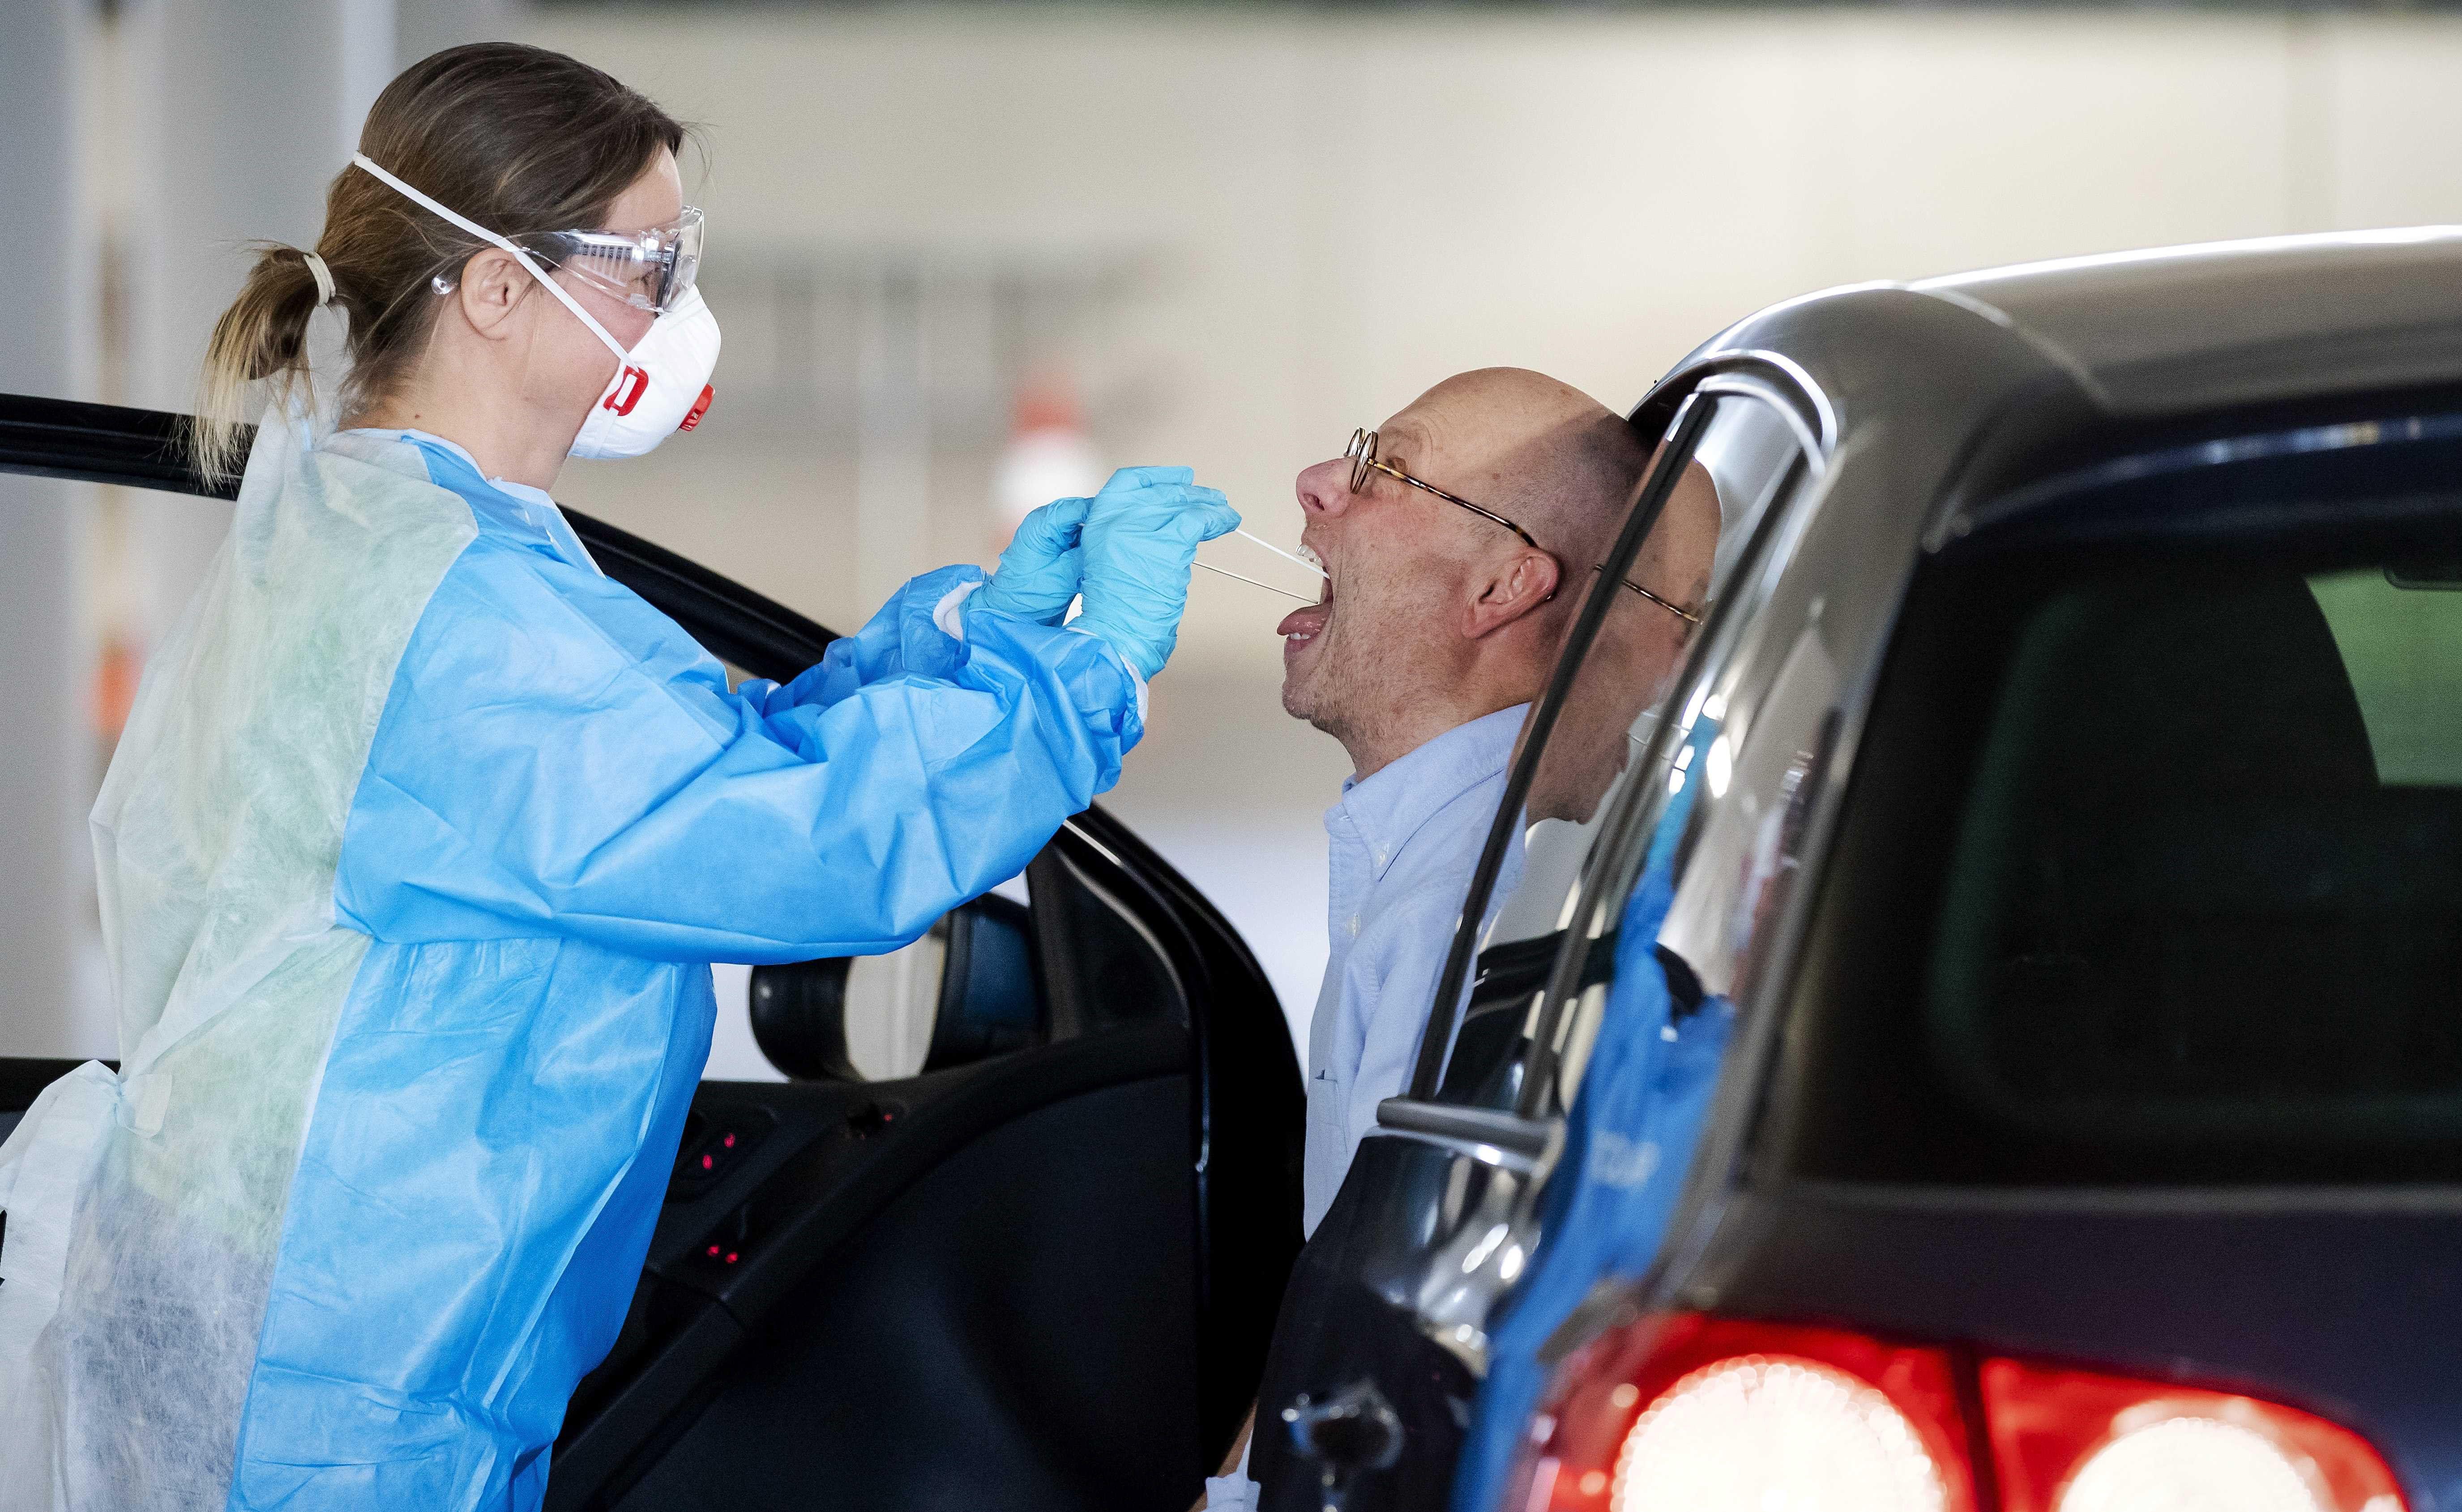 Autós torkából vesz vizsgálati mintát egy egészségügyi dolgozó egy rotterdami utcai tesztelőponton a koronavírus-járvány idején, 2020. április 6-án (Fotó: MTI/EPA/ANP/Robin Van Lonkhuijsen)